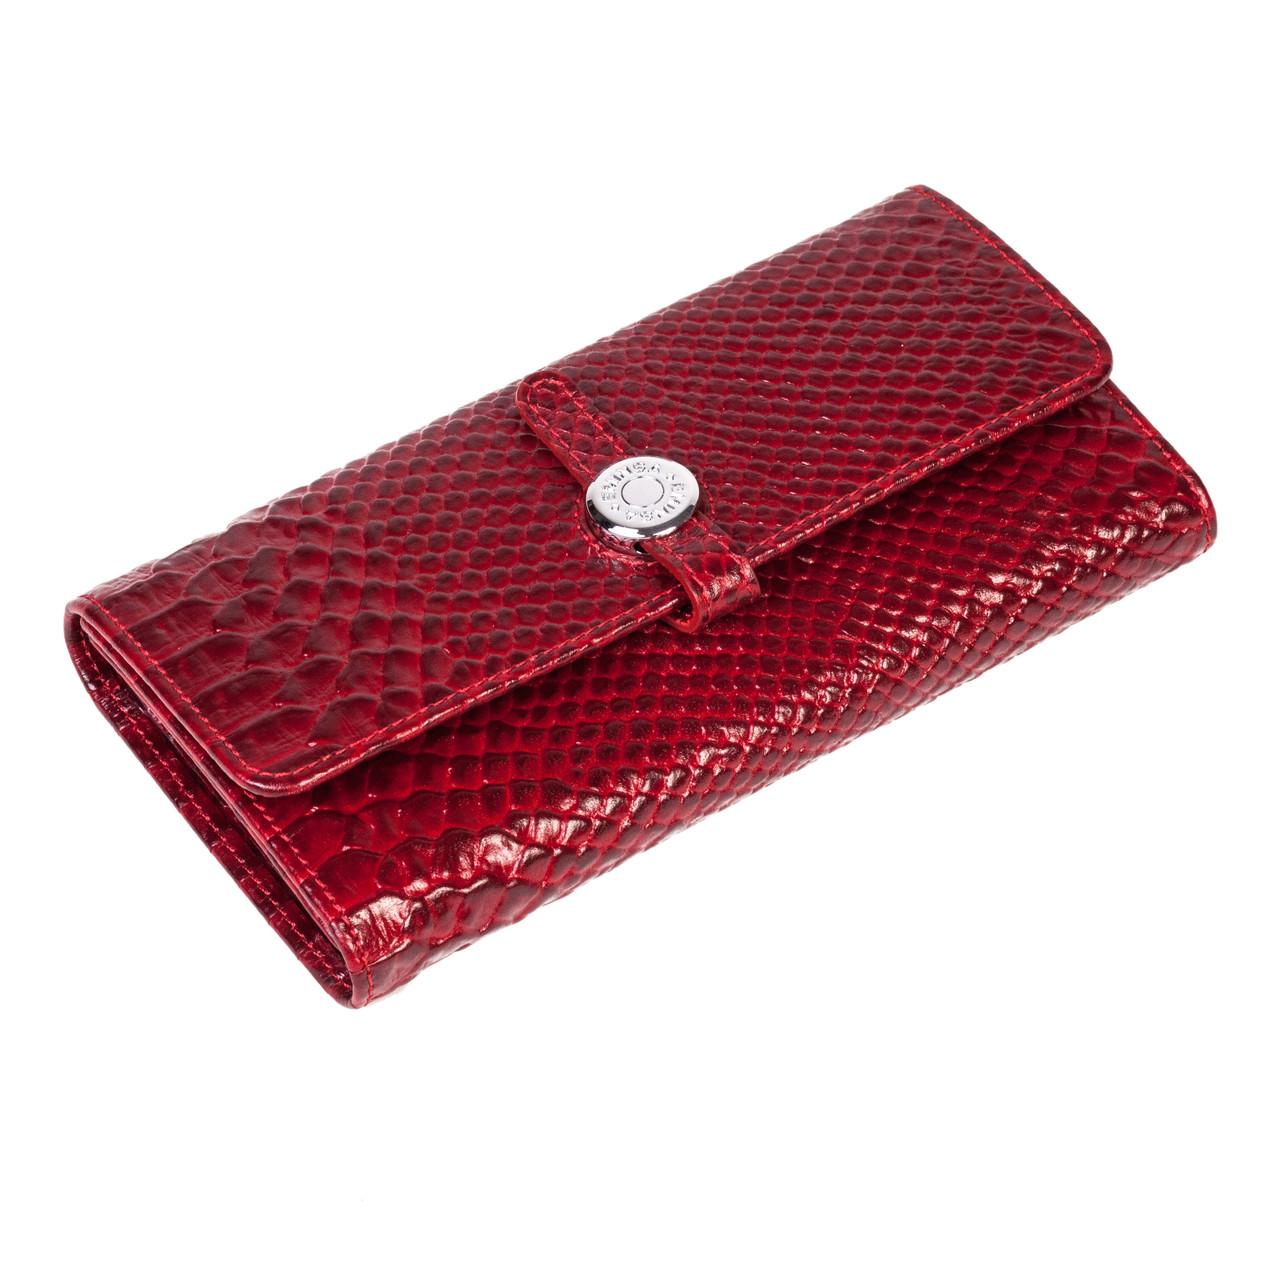 Жіночий гаманець Eminsa 2114-21-5 шкіряний червоний